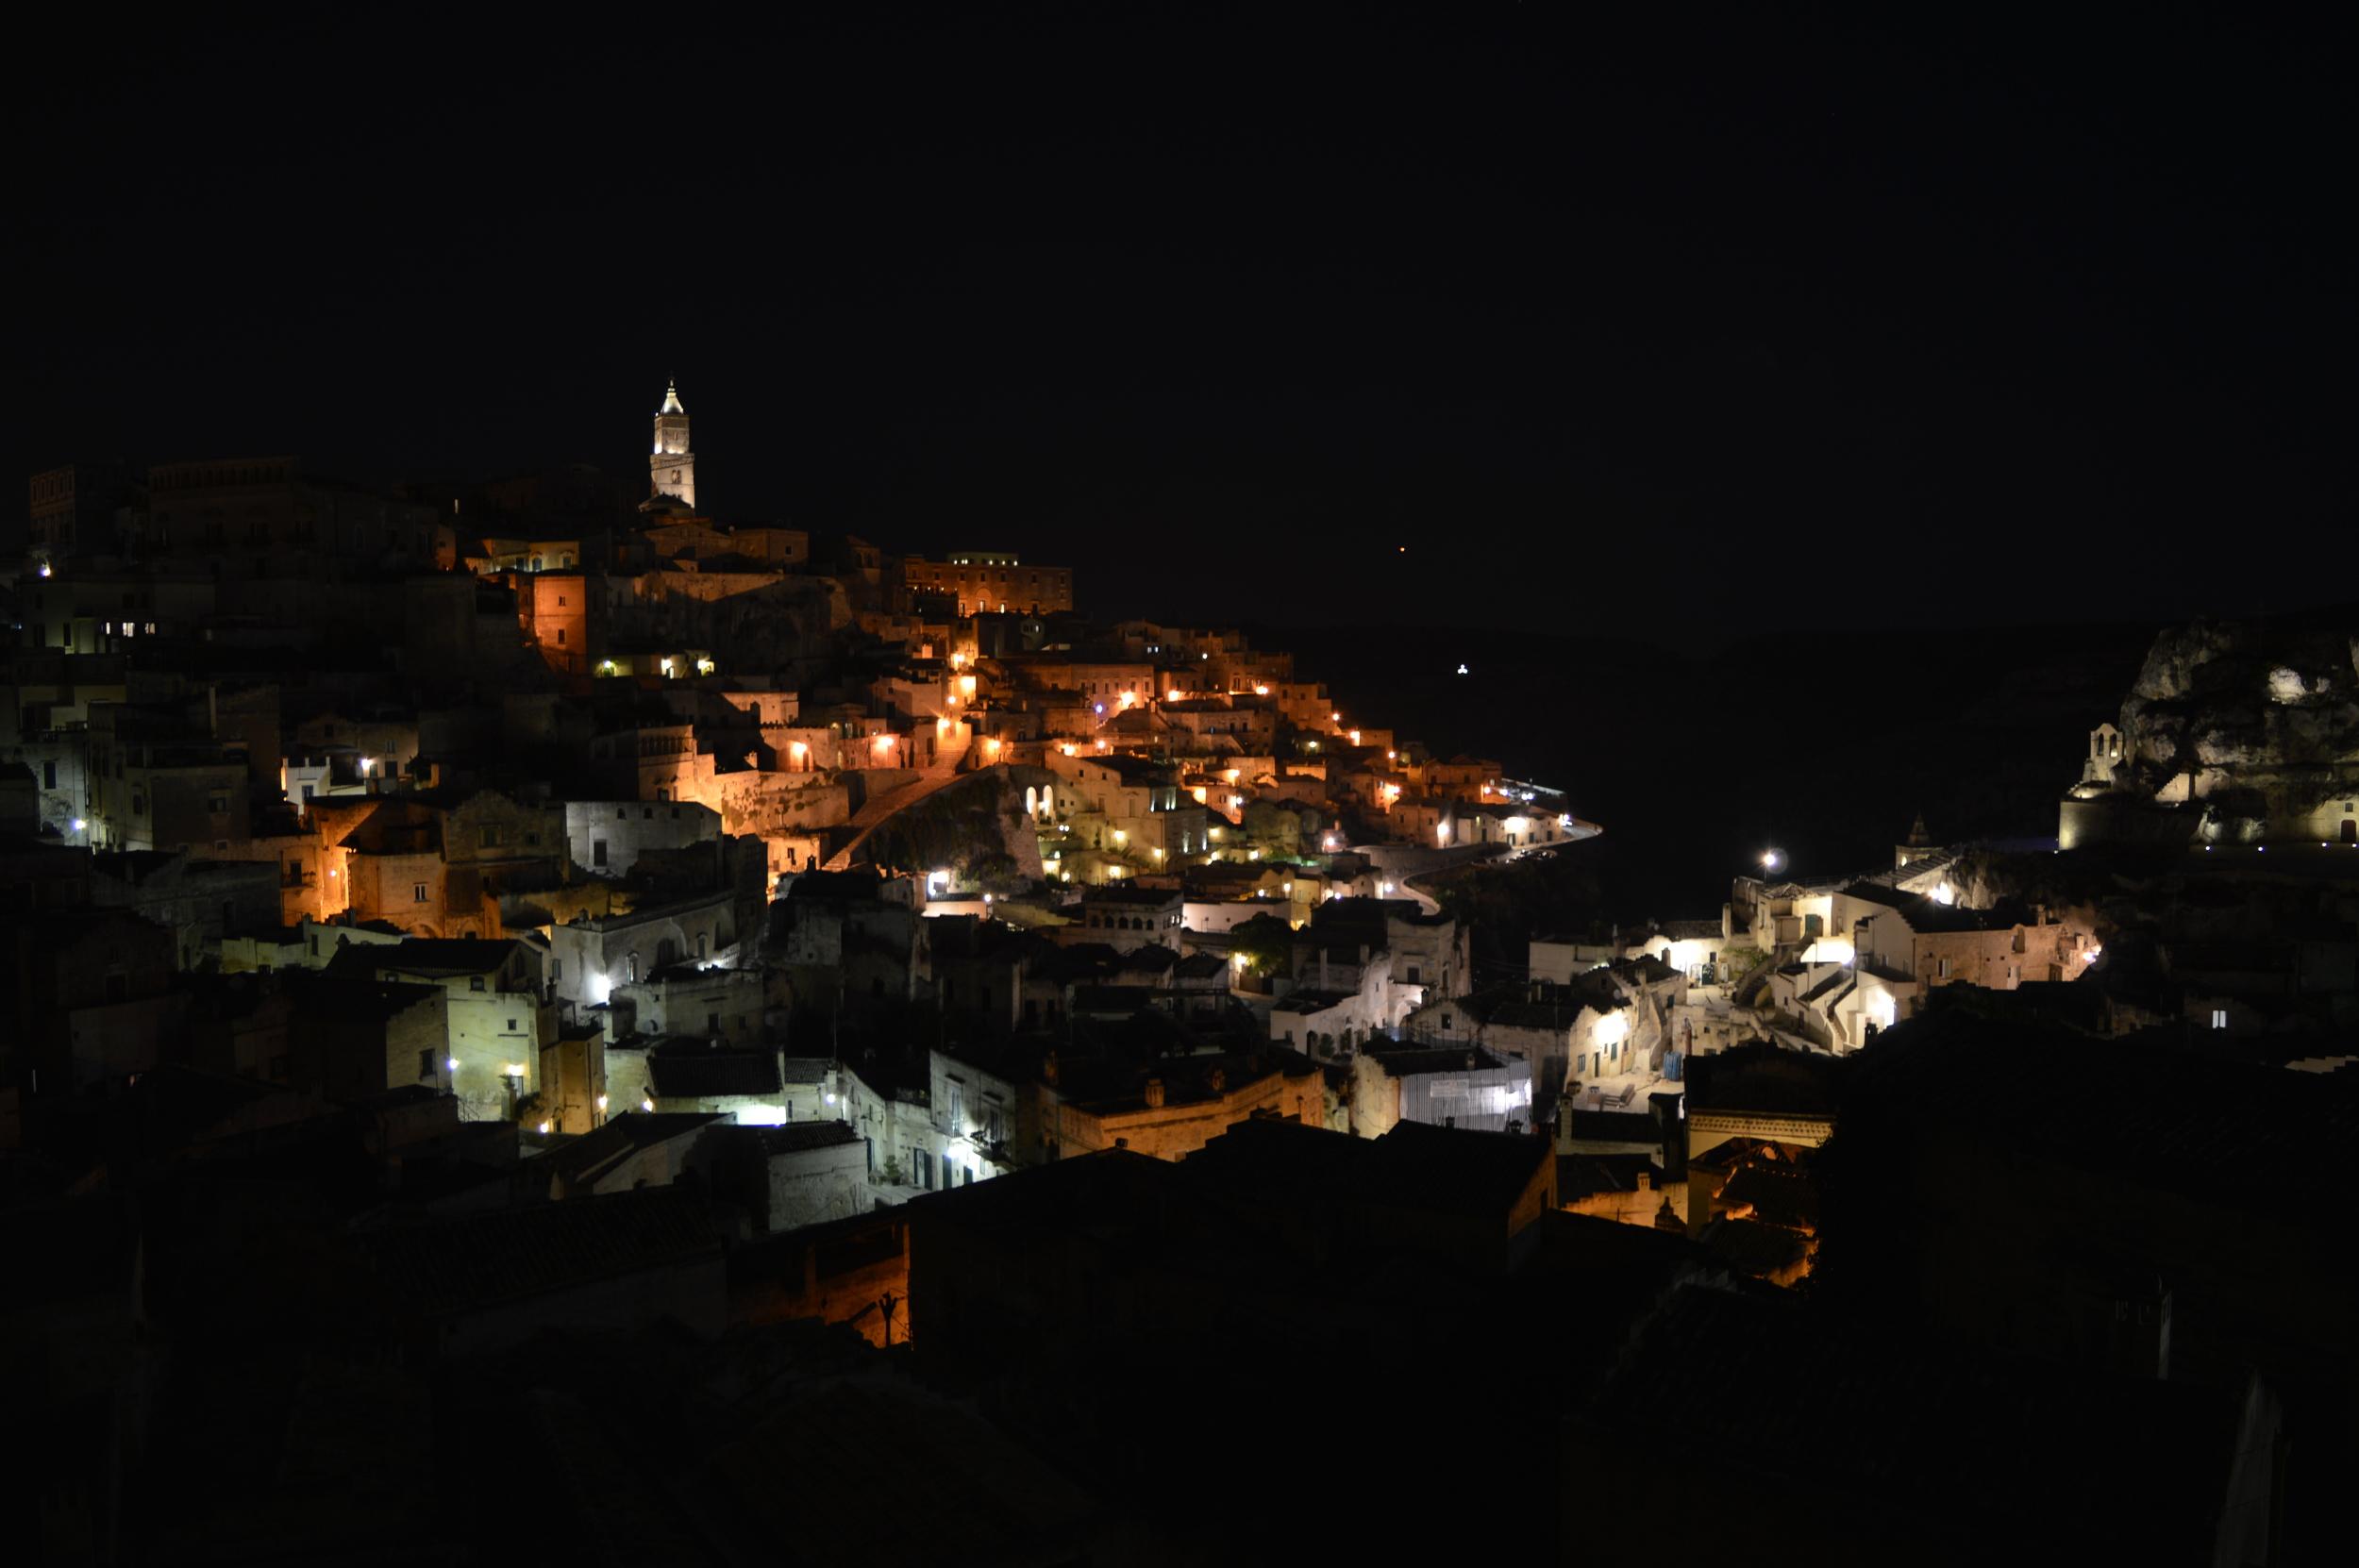 Matera at night - Matera. Italy